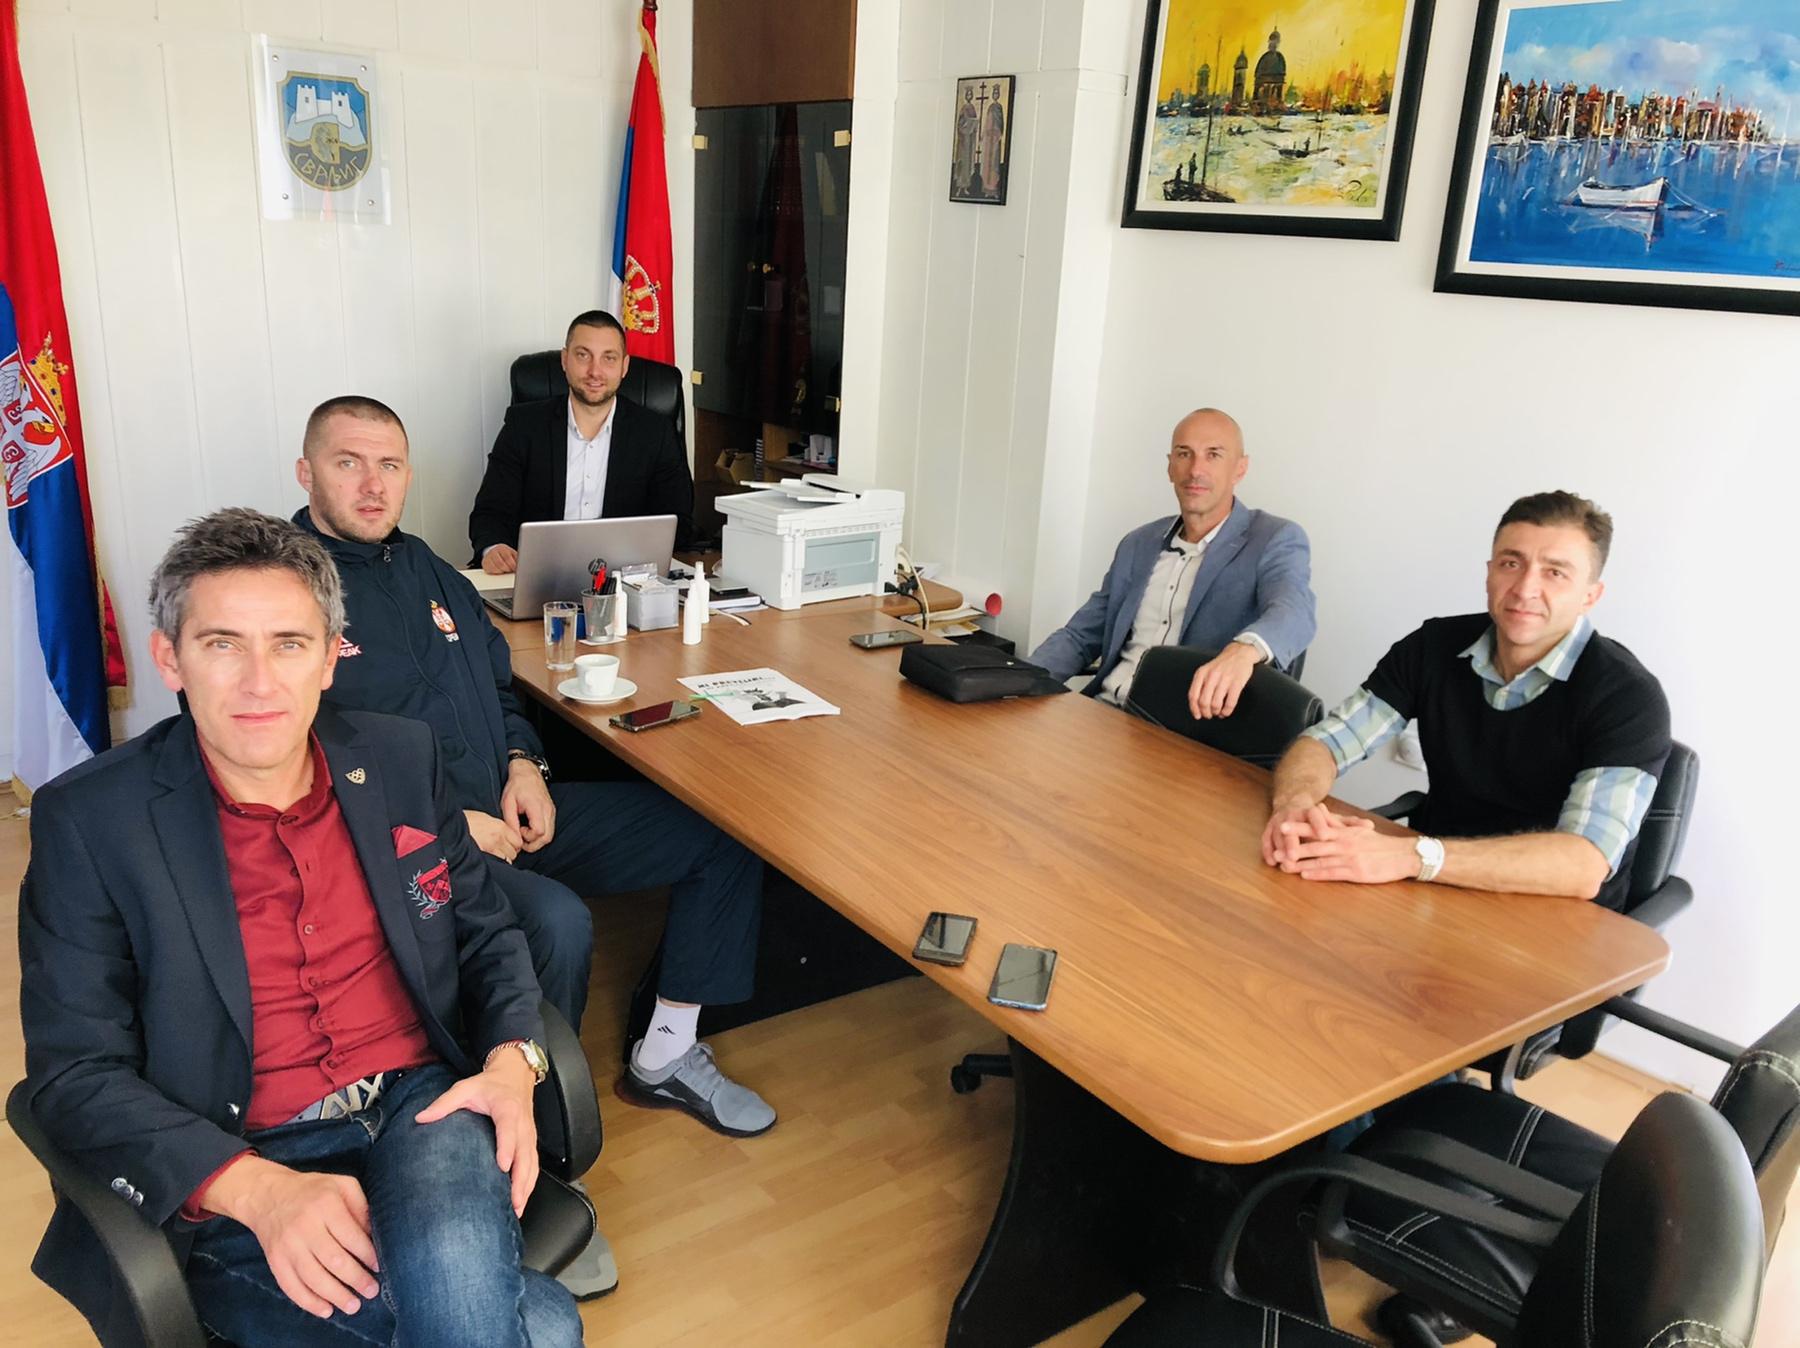 Sastanak u kancelariji predsednika opštine, foto: M.M.